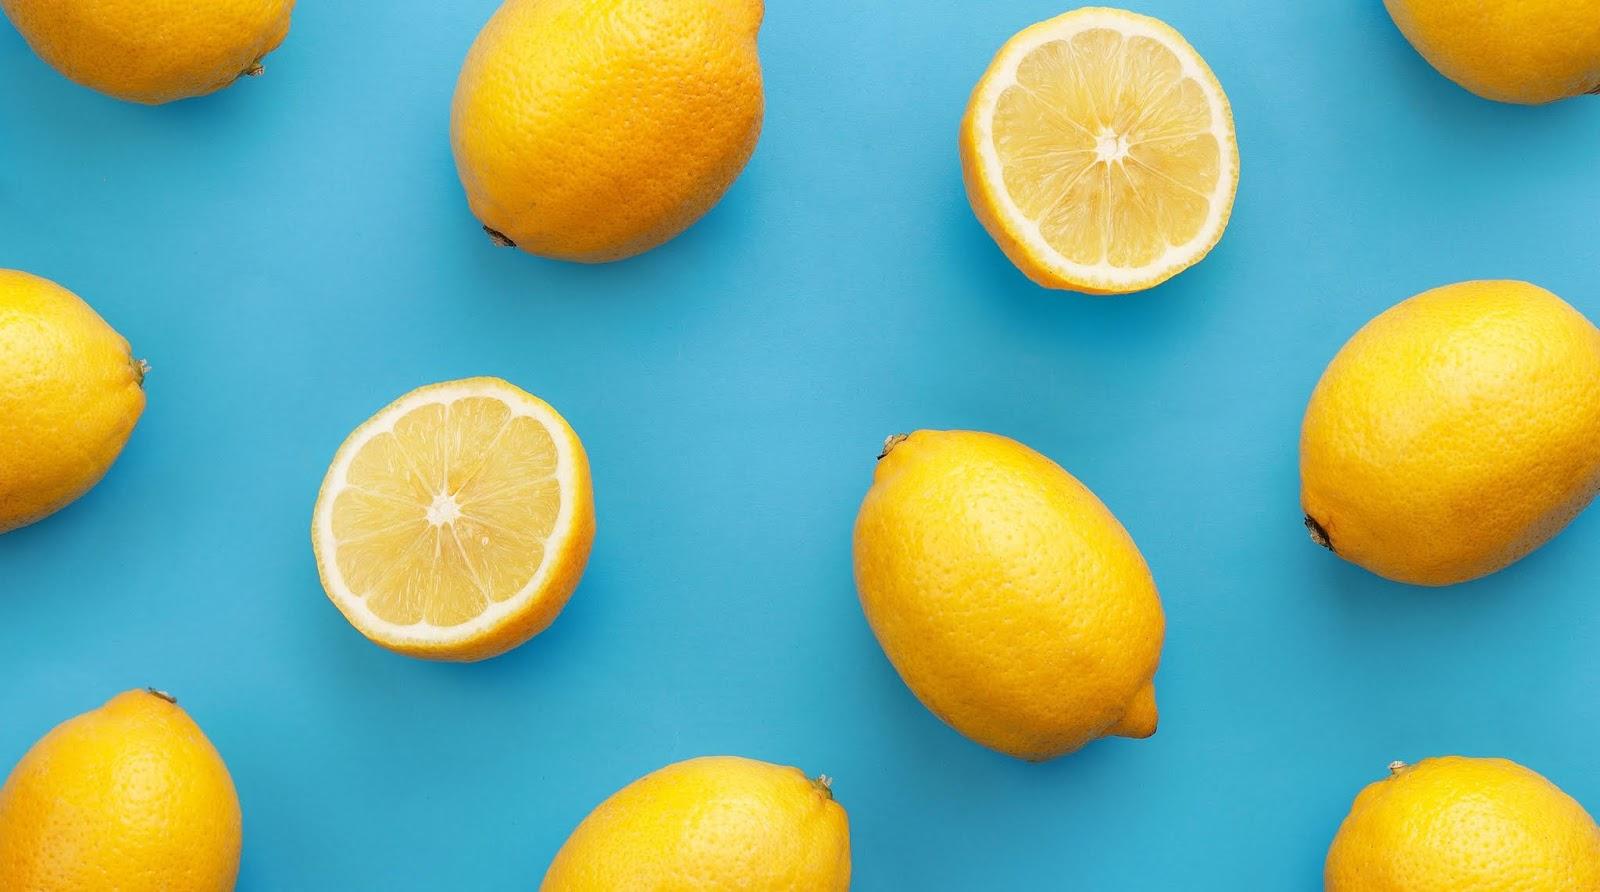 Eine Scheibe Zitrone im Wasser kühlt den Körper und mildert starkes Schwitzen